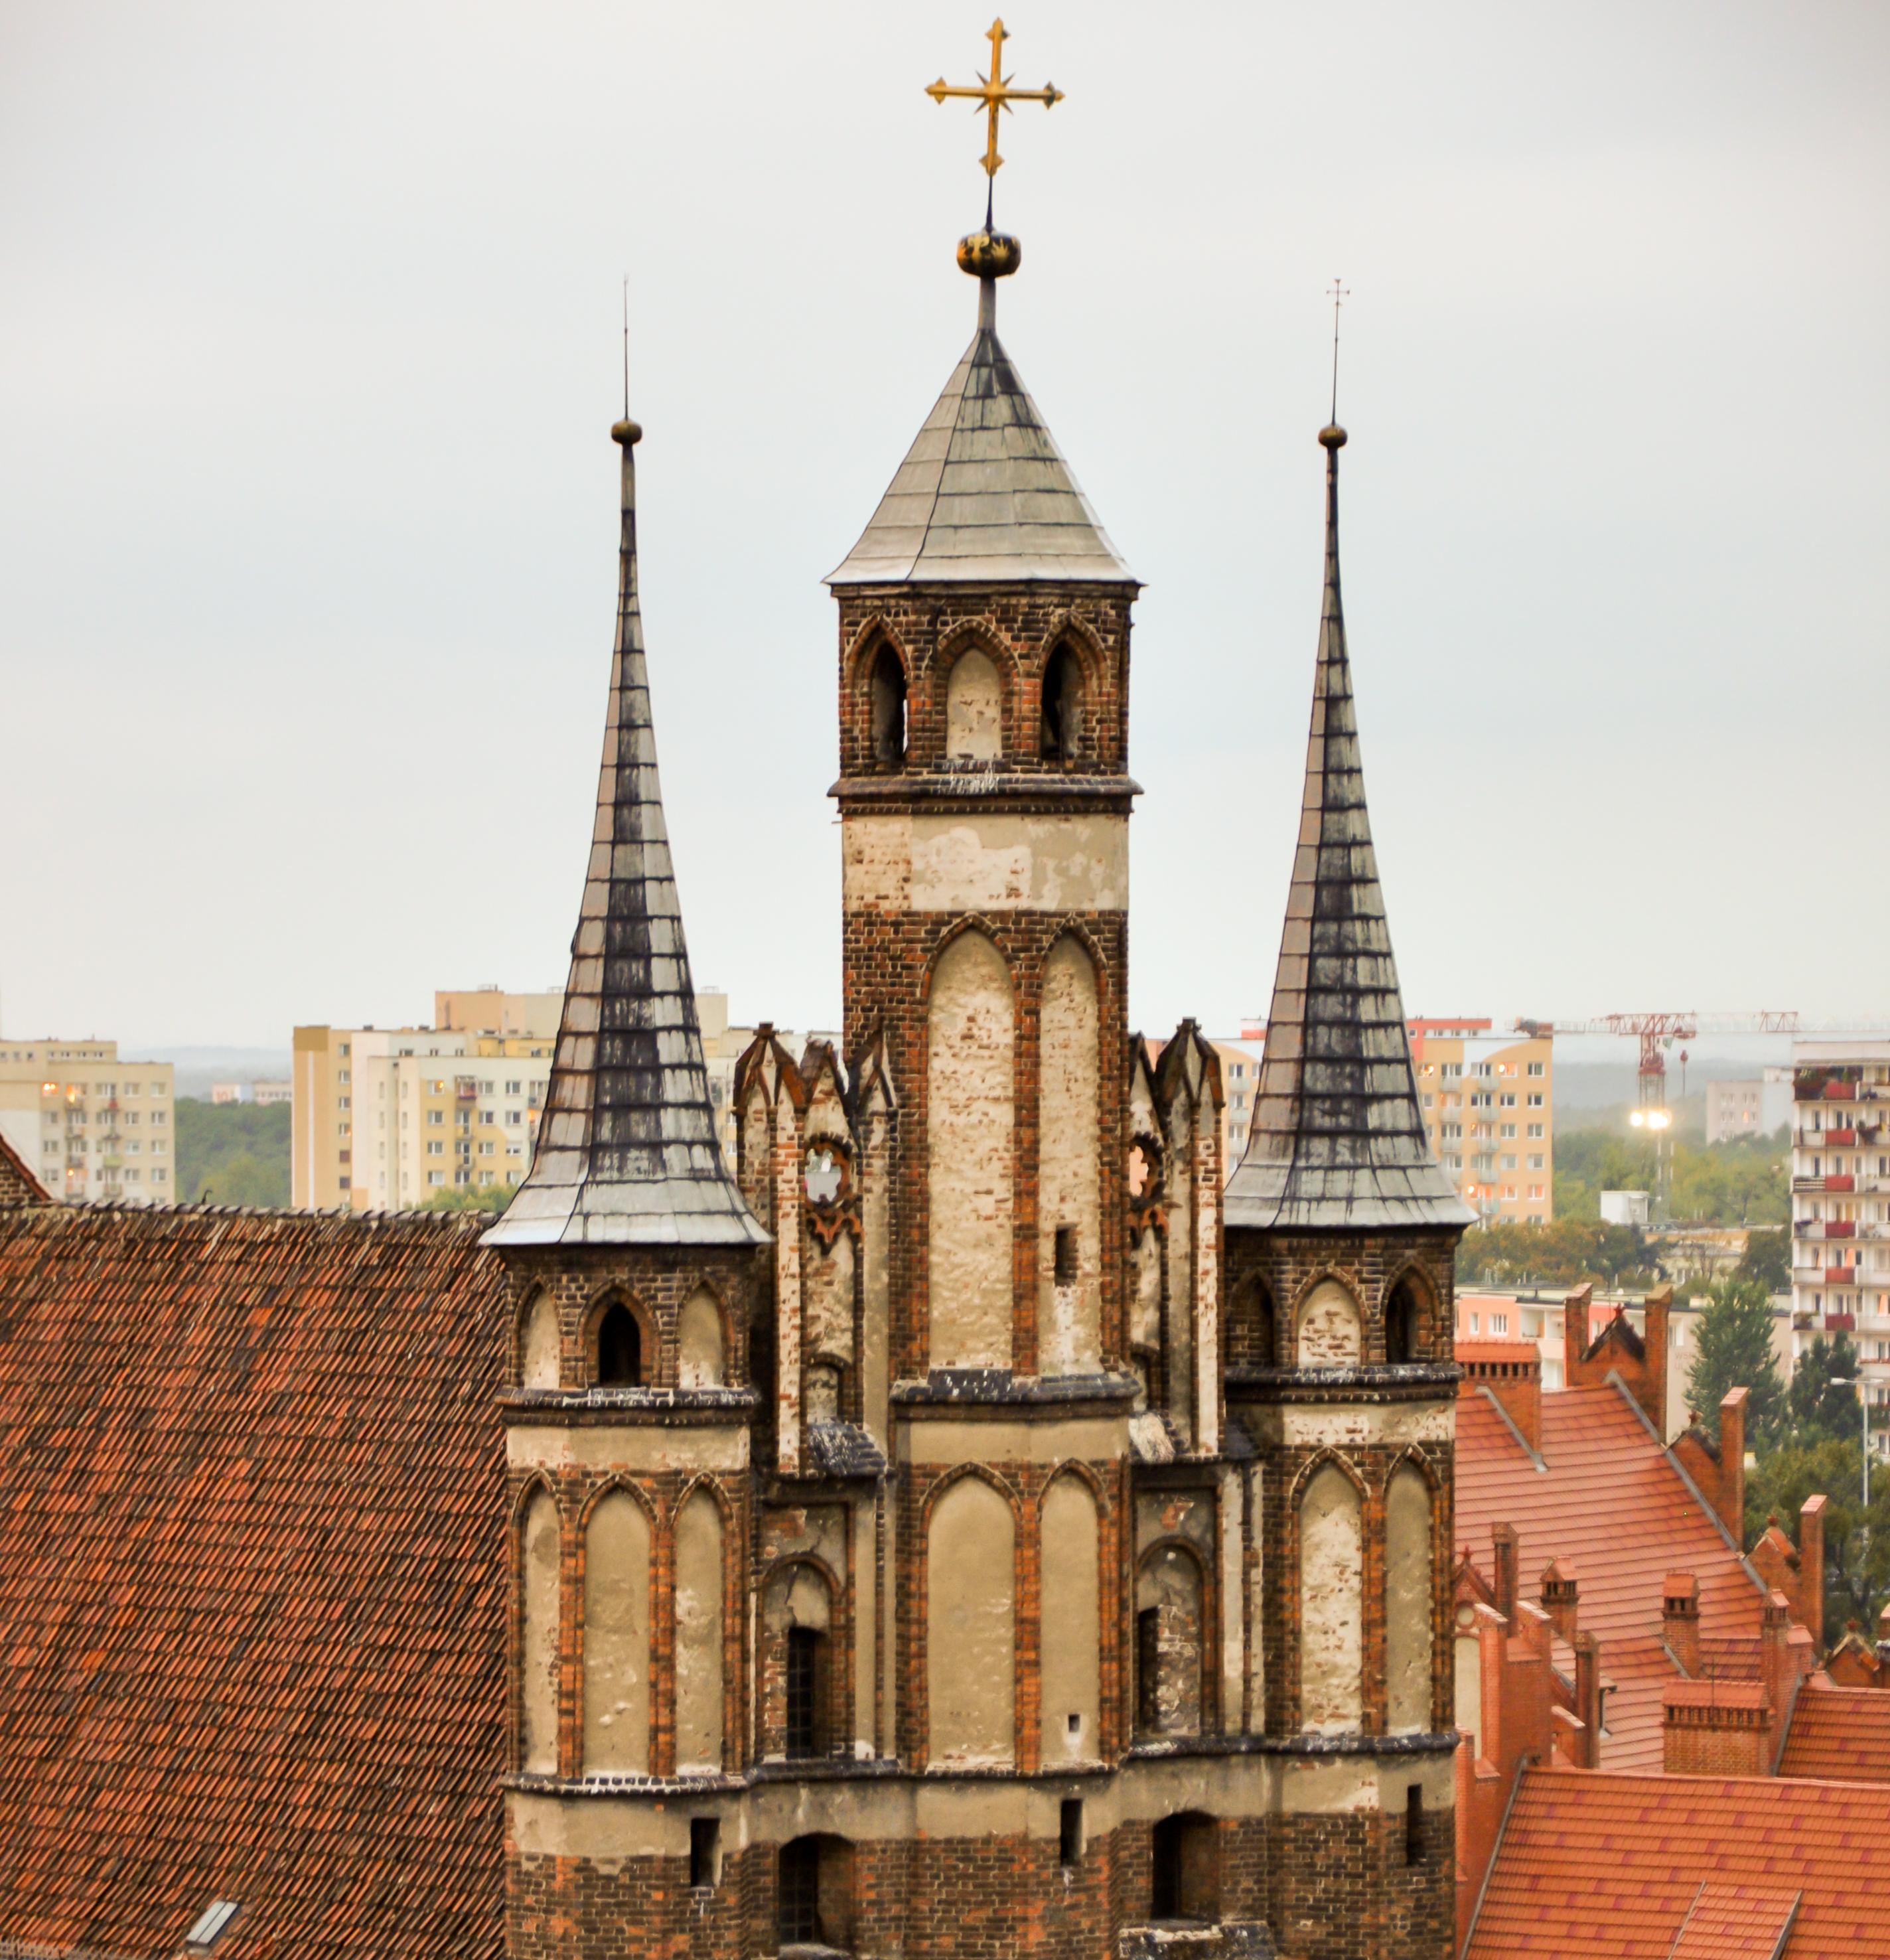 כנסיית העלייה השמיימה של מרים הבתולה